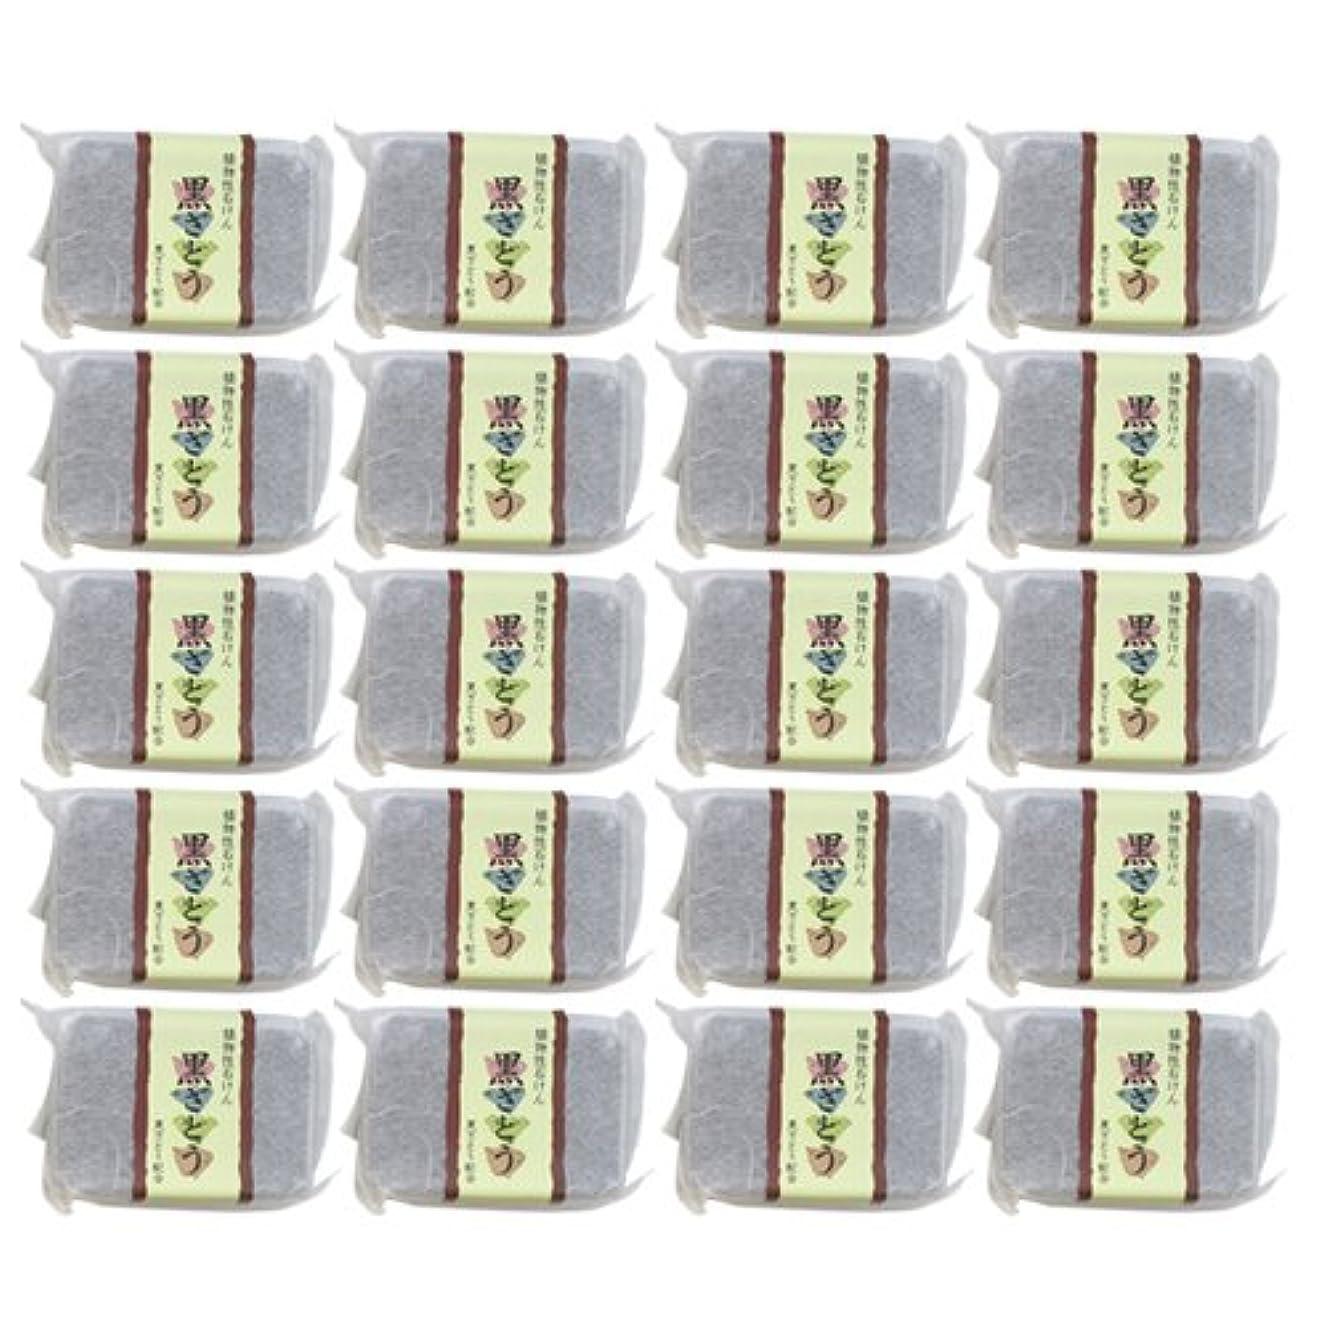 オリエンテーション毎回発表植物性ソープ 自然石けん 黒ざとう 80g×20個セット